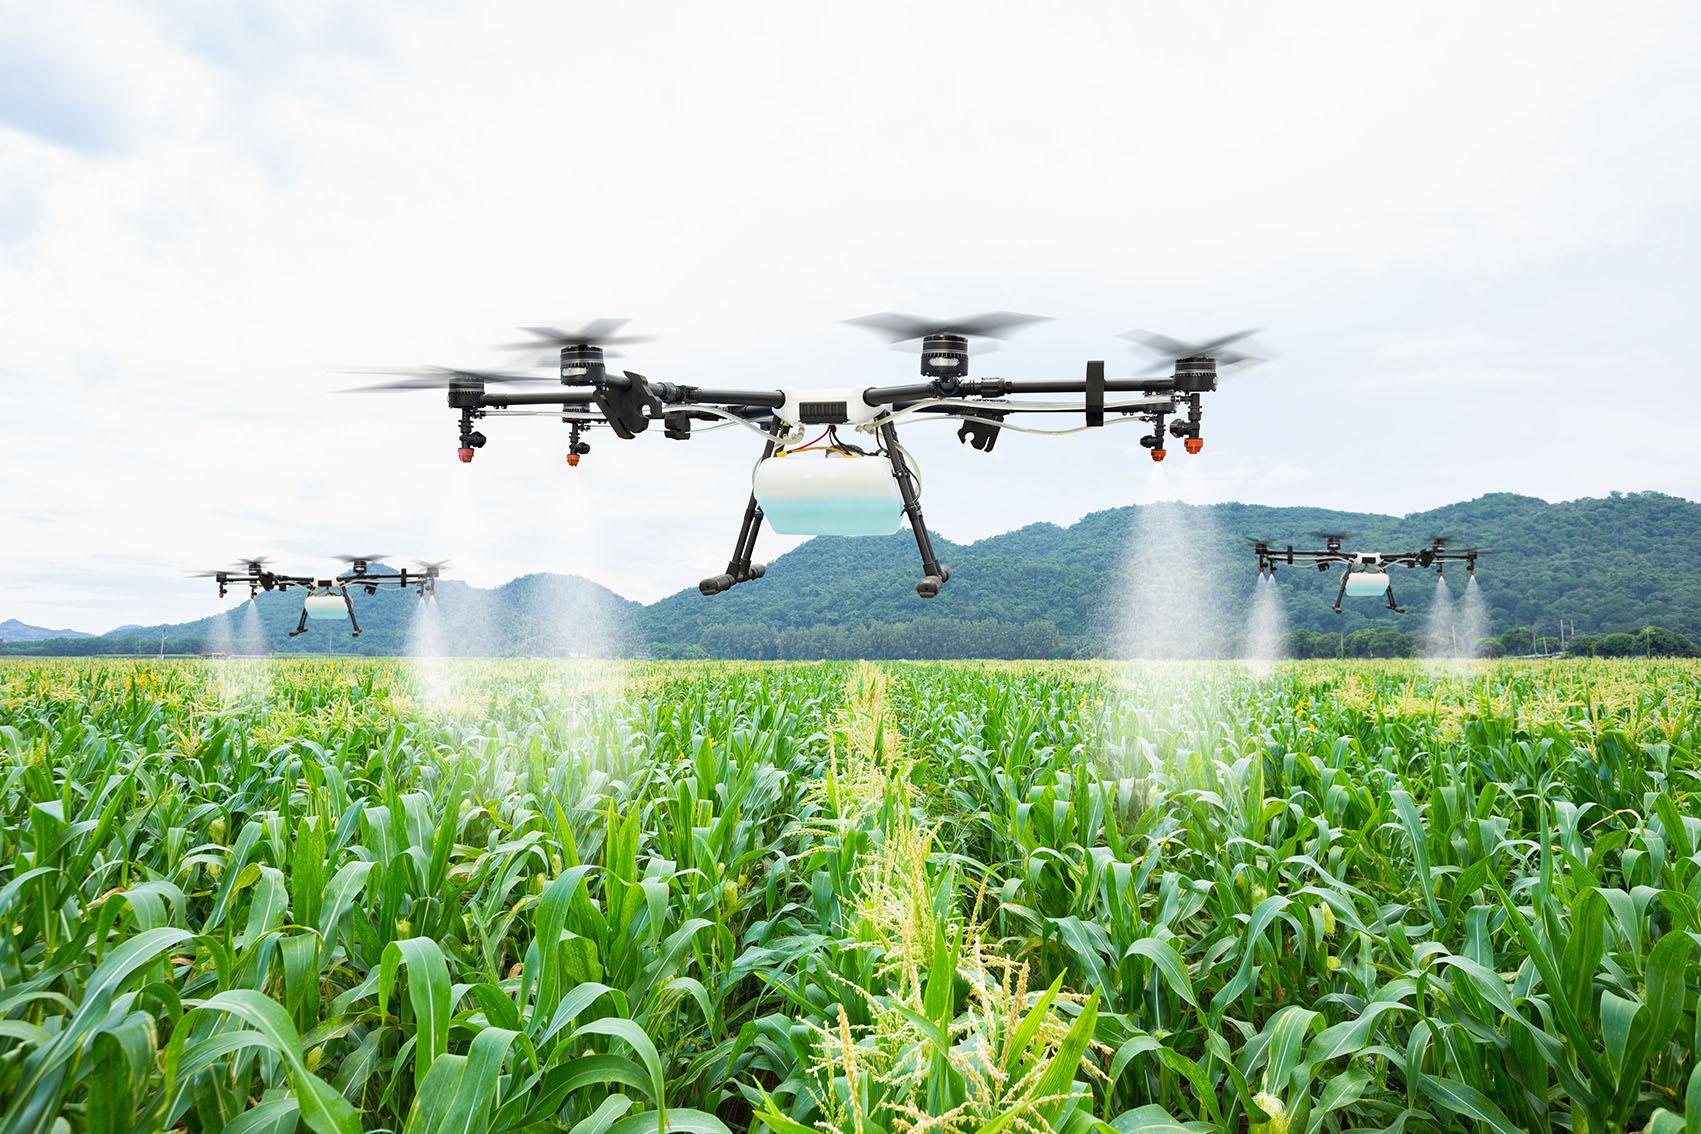 クボタ農業用ドローン製品の取り扱いYouTubeチャンネル